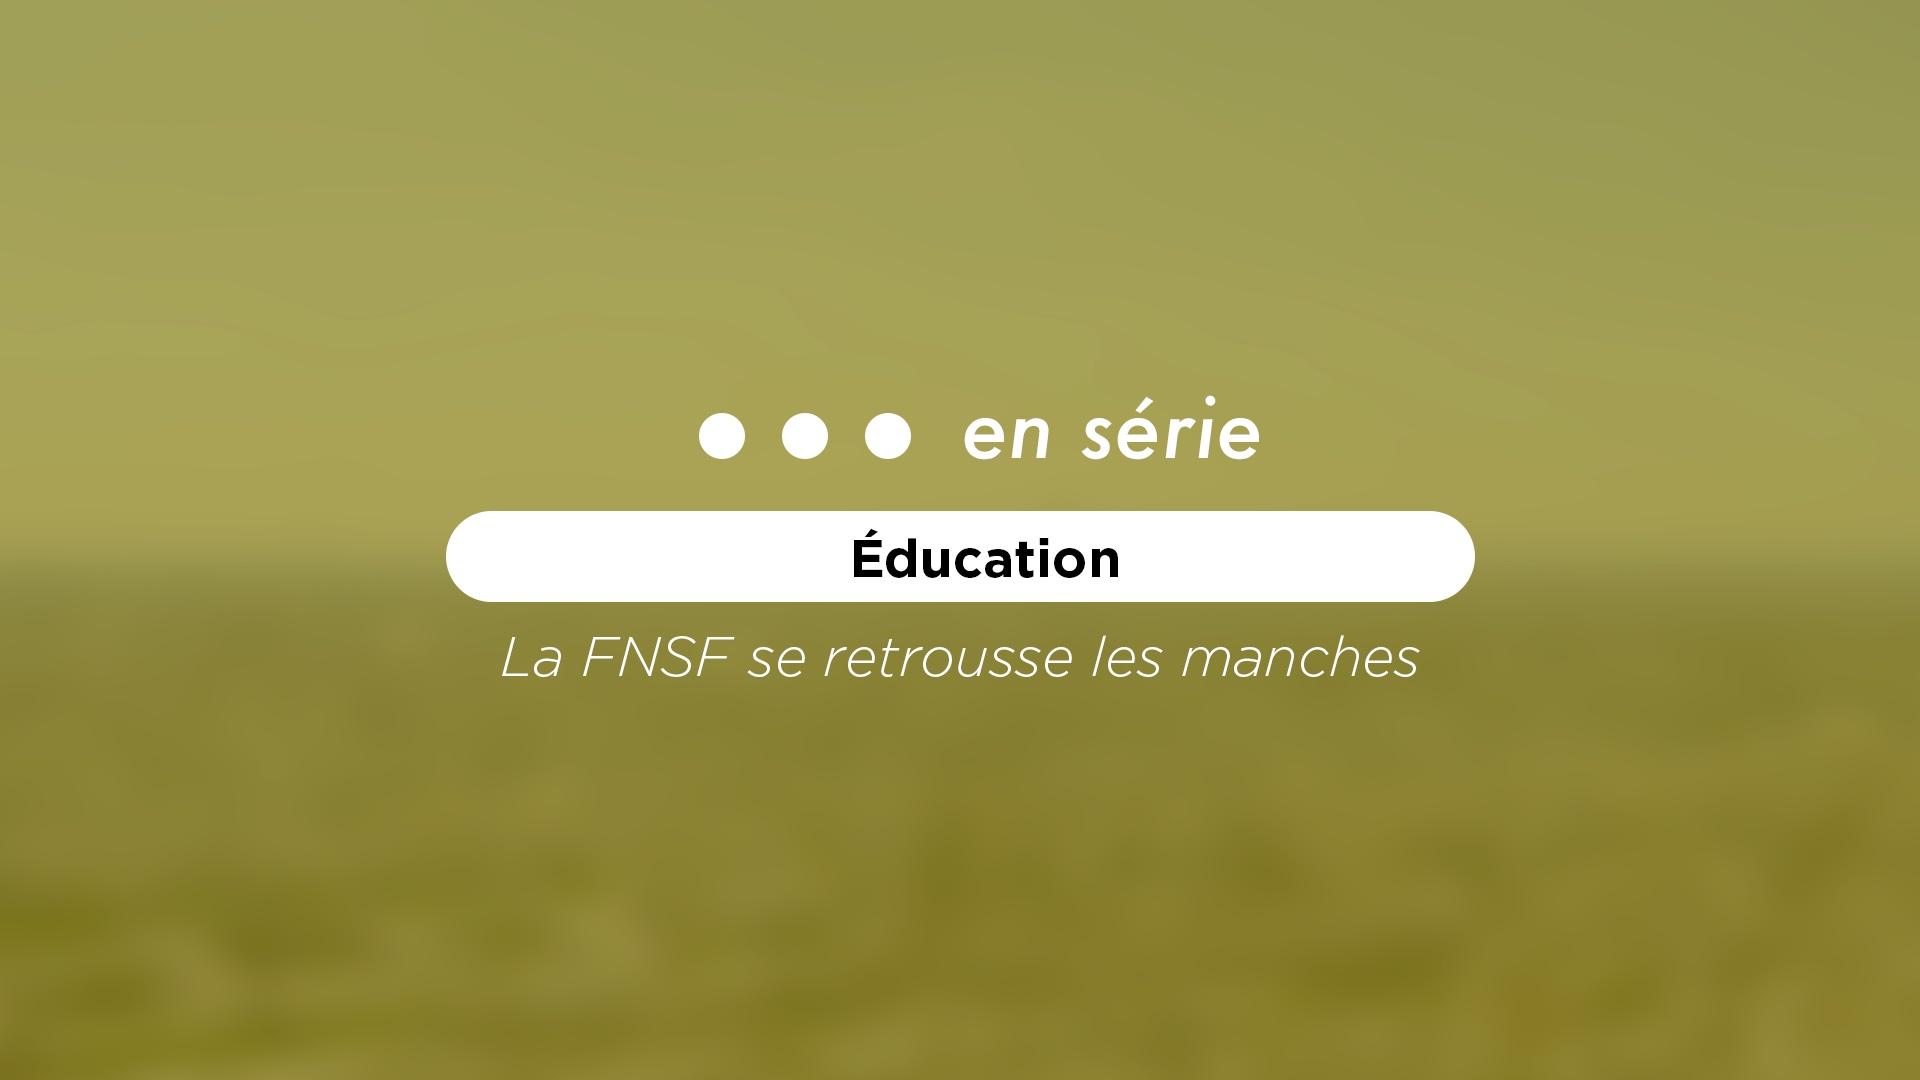 La_FNSF_se_retrousse_les_manches